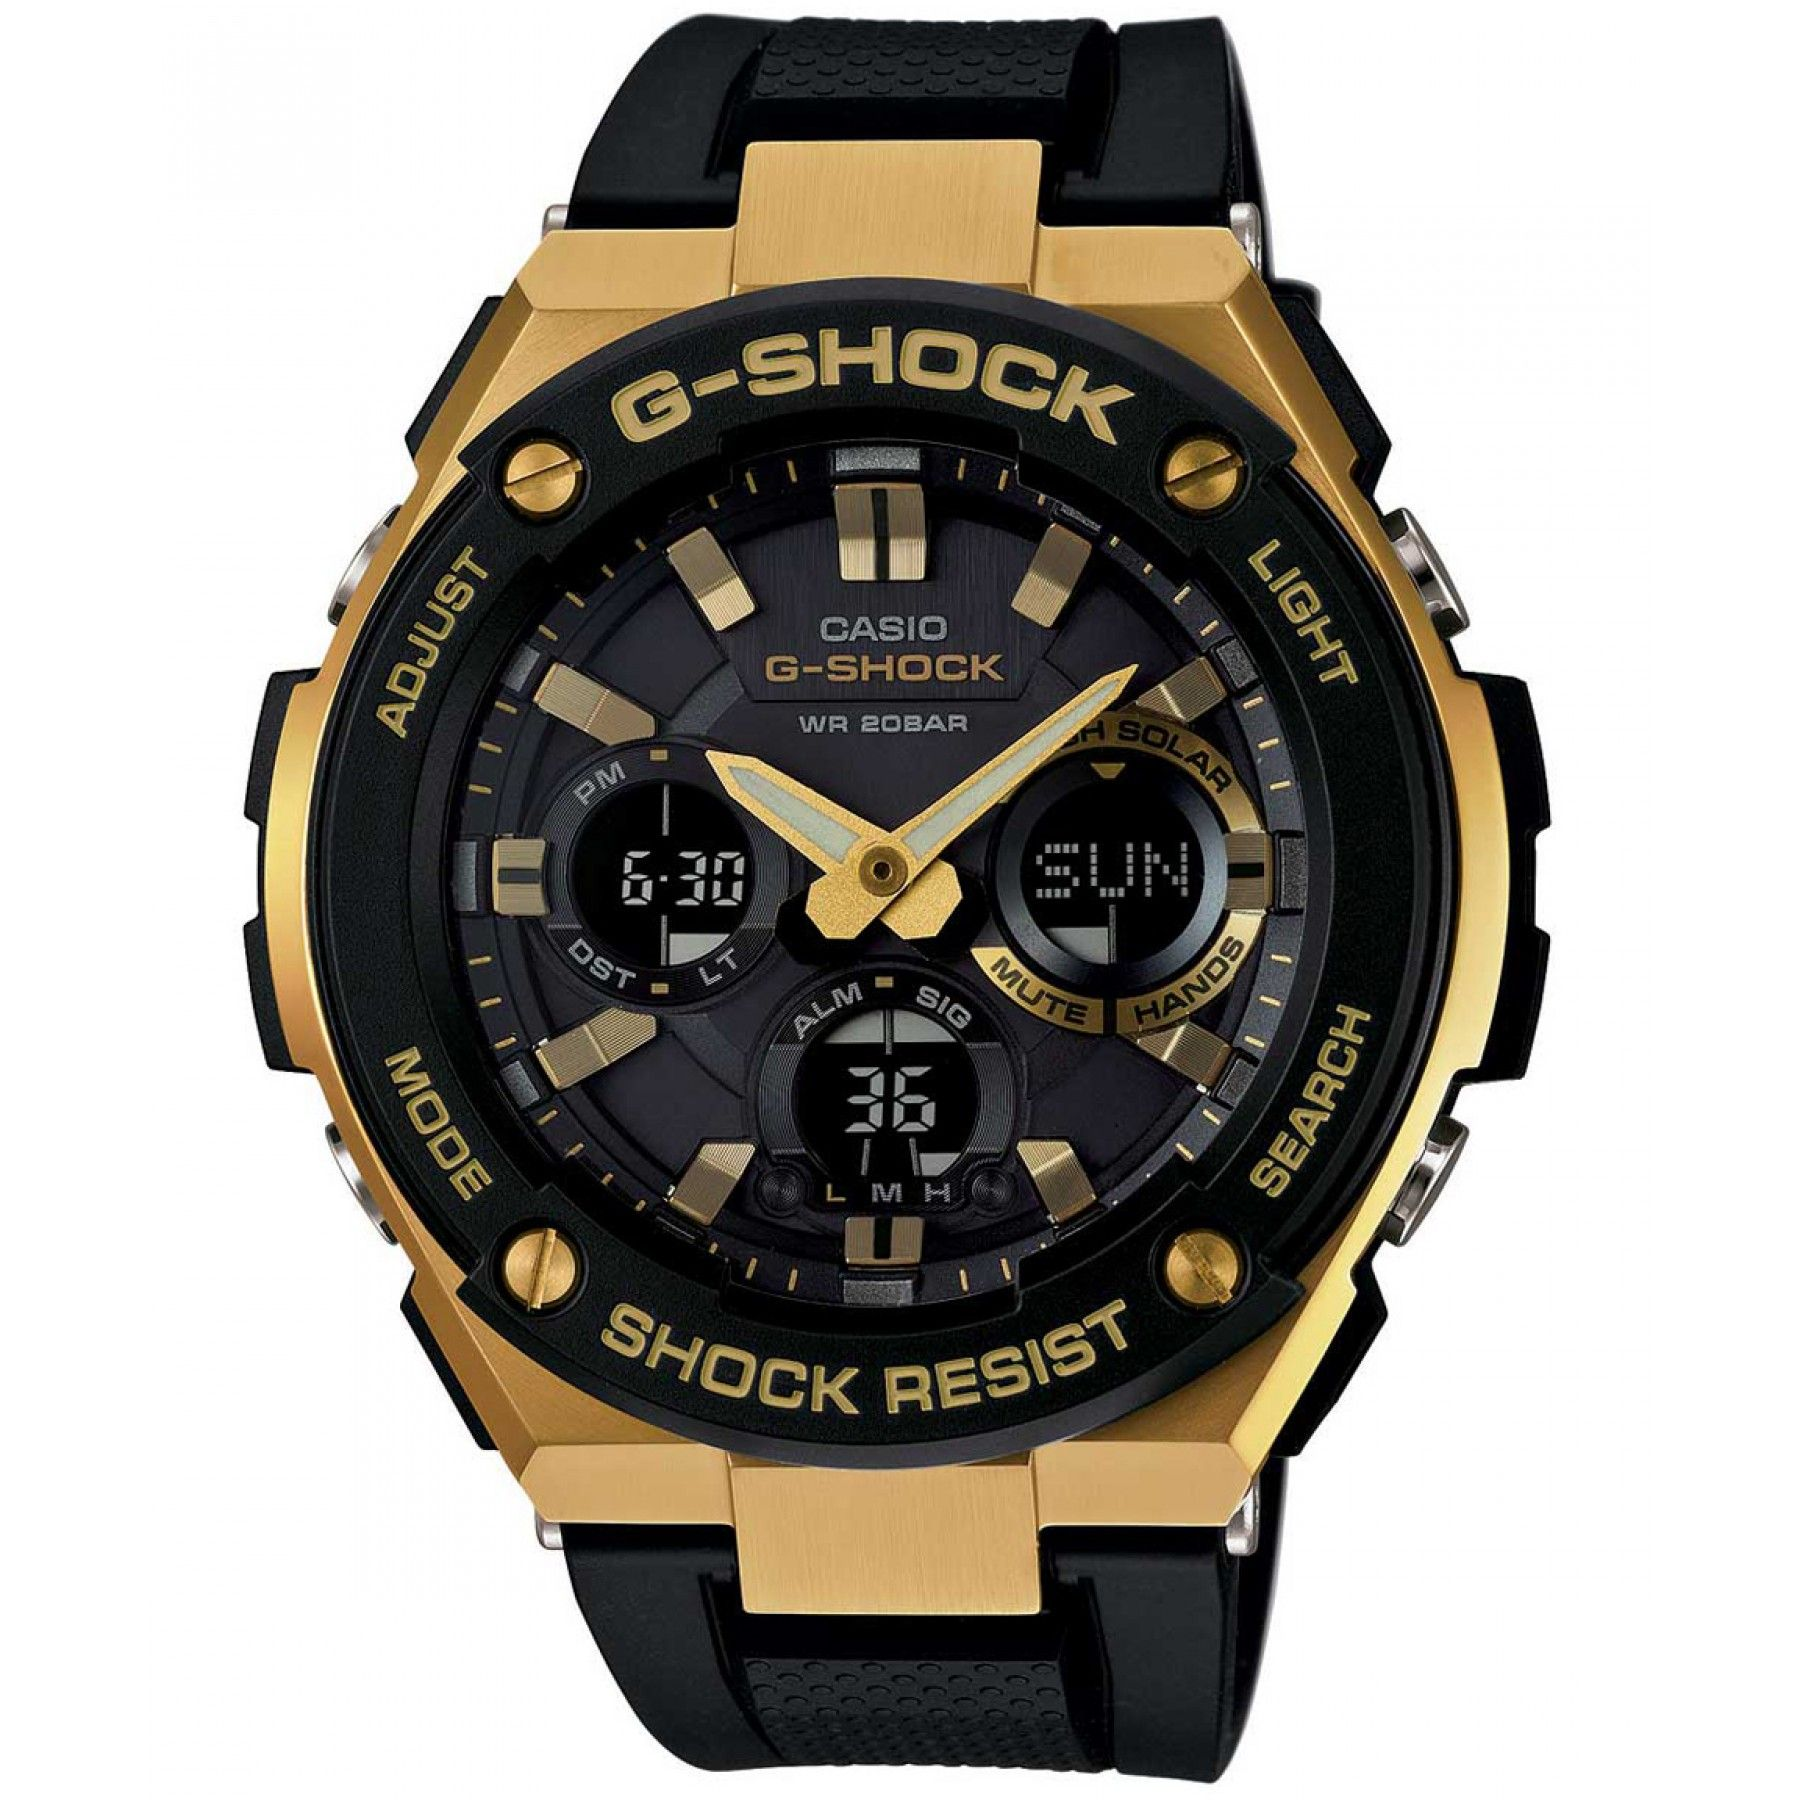 Reloj Casio G Shock con caja y extensible de acero